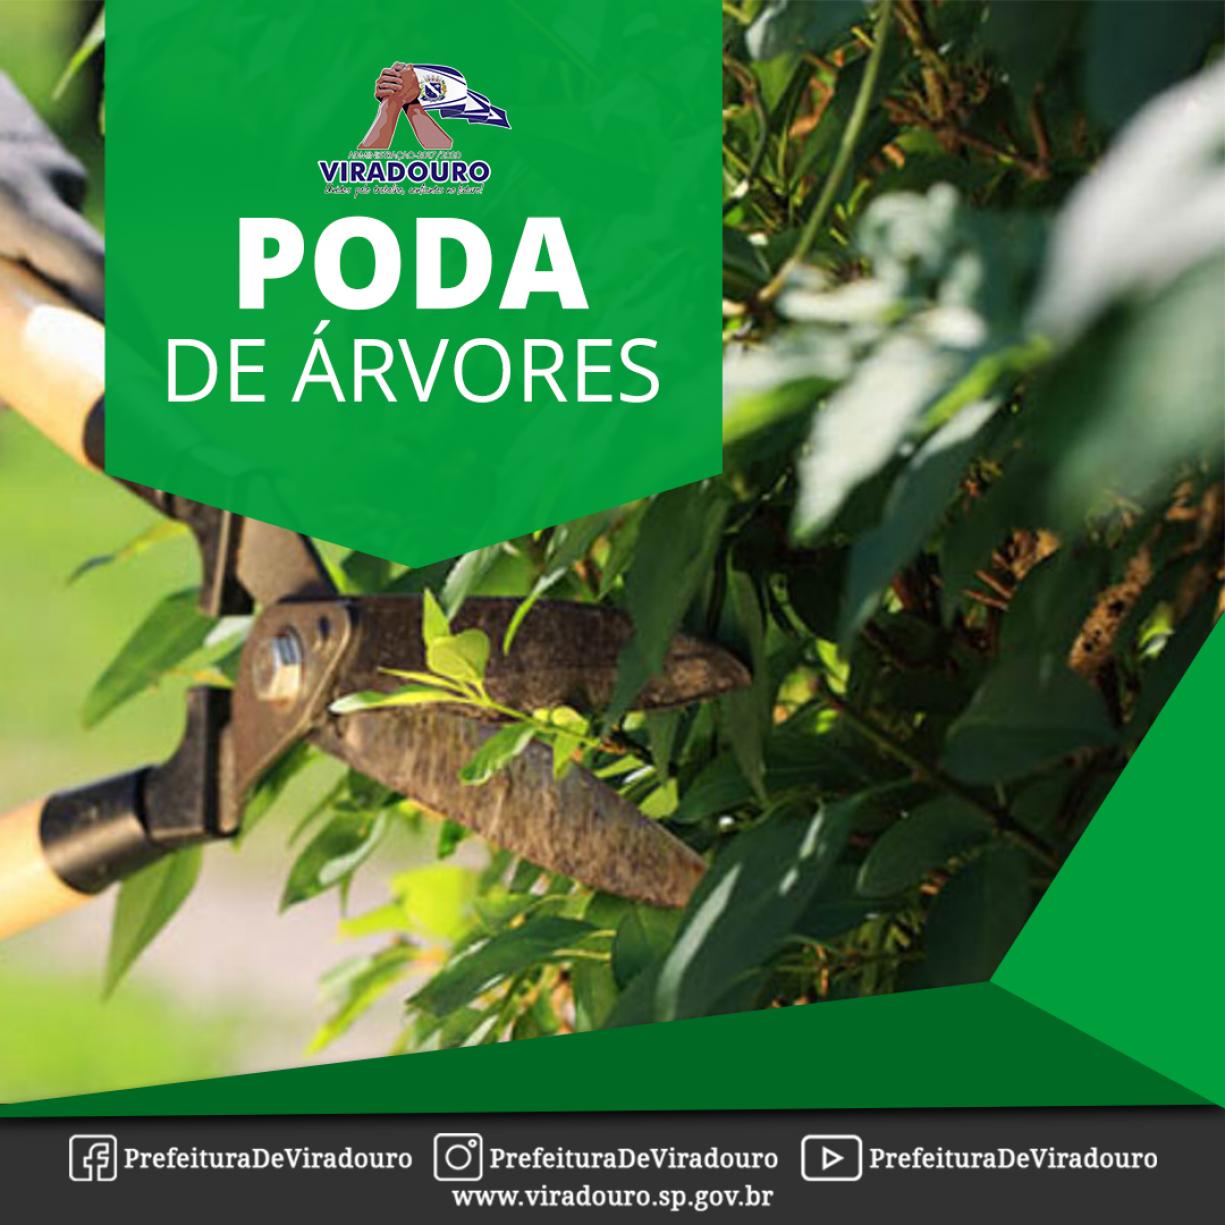 PODA DE ÁRVORES LIBERADA